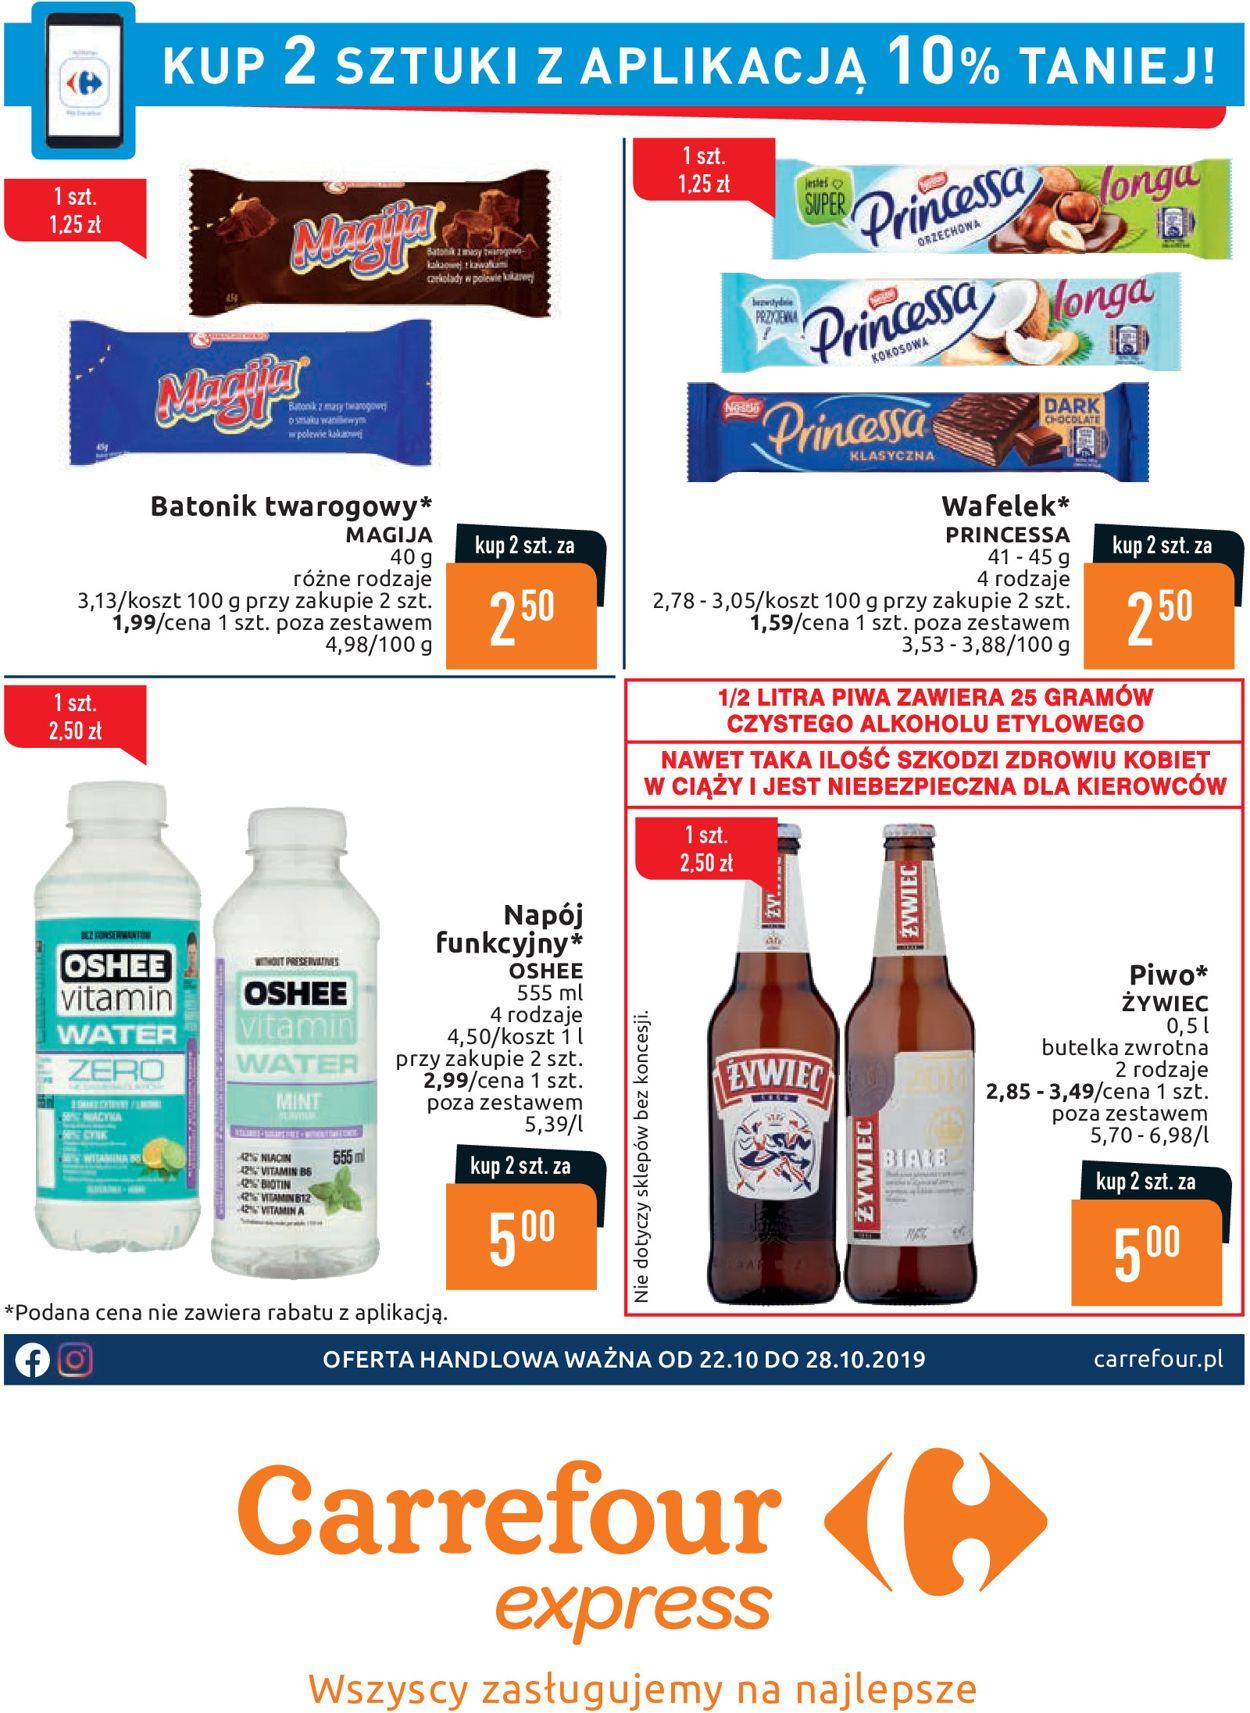 Gazetka promocyjna Carrefour - 22.10-28.10.2019